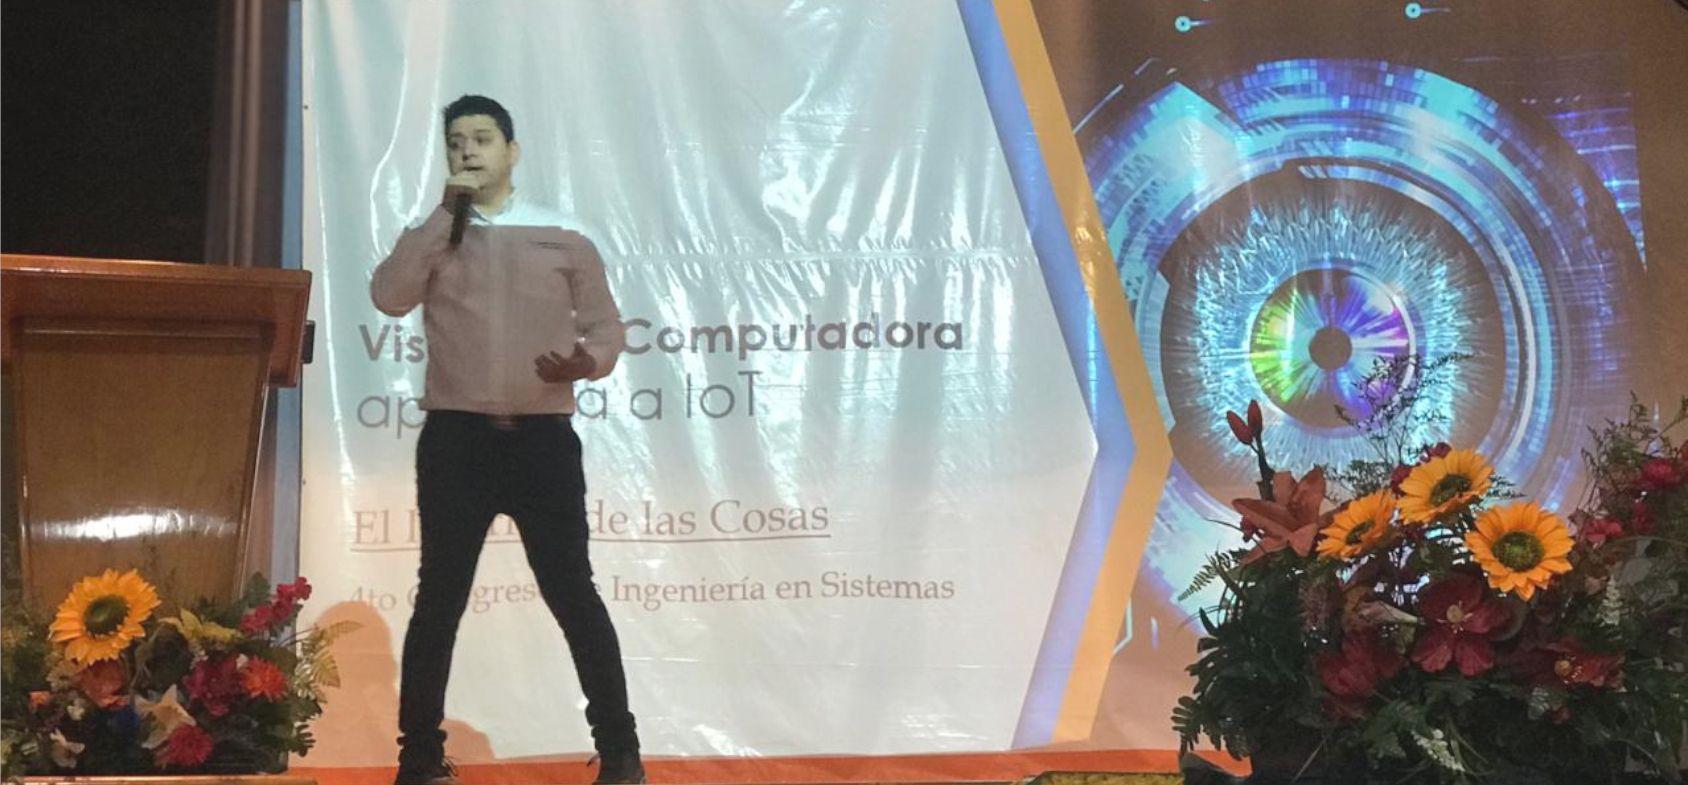 Jonathan Melgoza Conferencias y Eventos